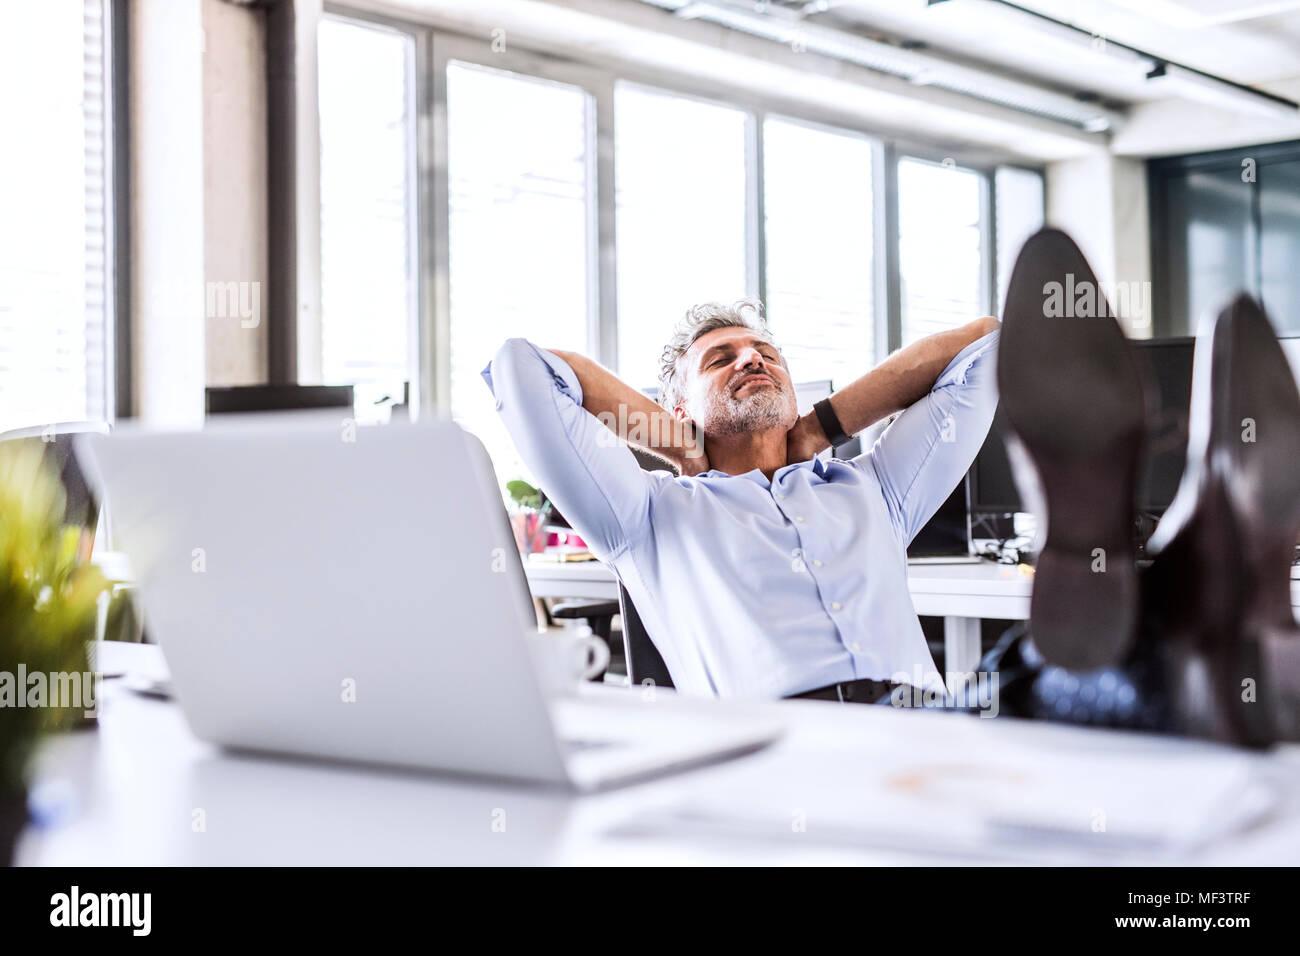 Relajado empresario maduro sentados frente al escritorio en la oficina reclinado hacia atrás Imagen De Stock